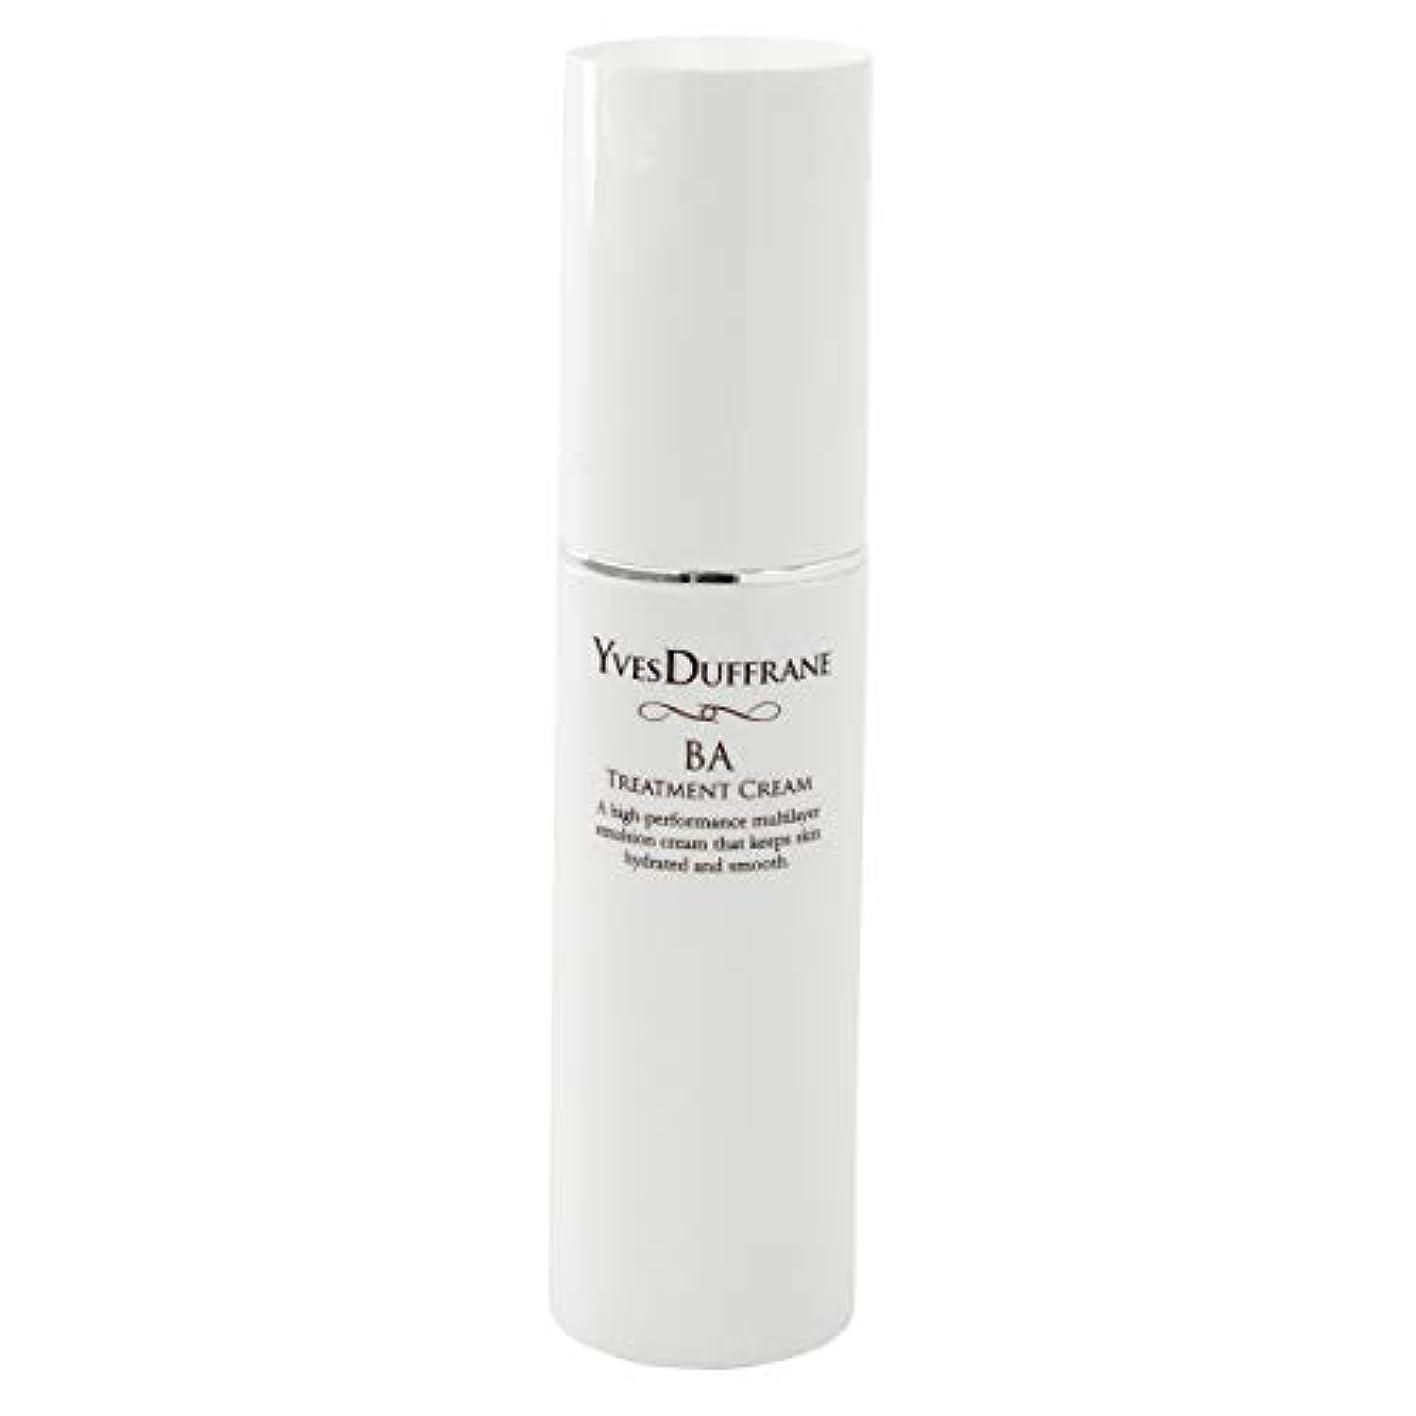 露出度の高い会話トラップセラミド 美容クリーム [BAトリートメント クリーム ] 顔 目元 敏感肌 保湿 セラミド ビタミンC誘導体 バイオアンテージ配合